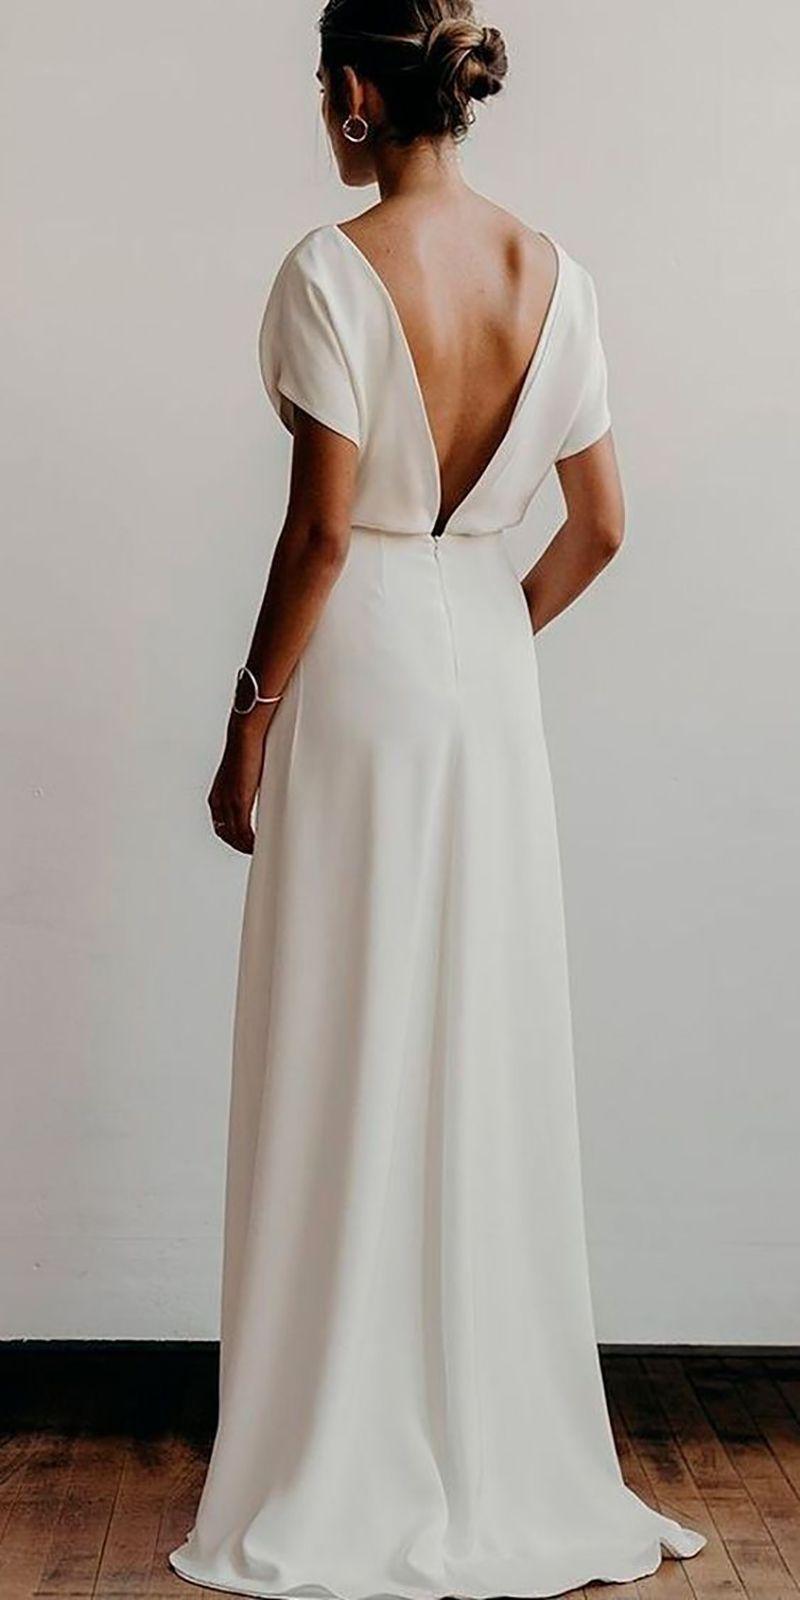 Wallis simpson wedding dress  Vestido de noiva simples  modelos minimalistas para amar